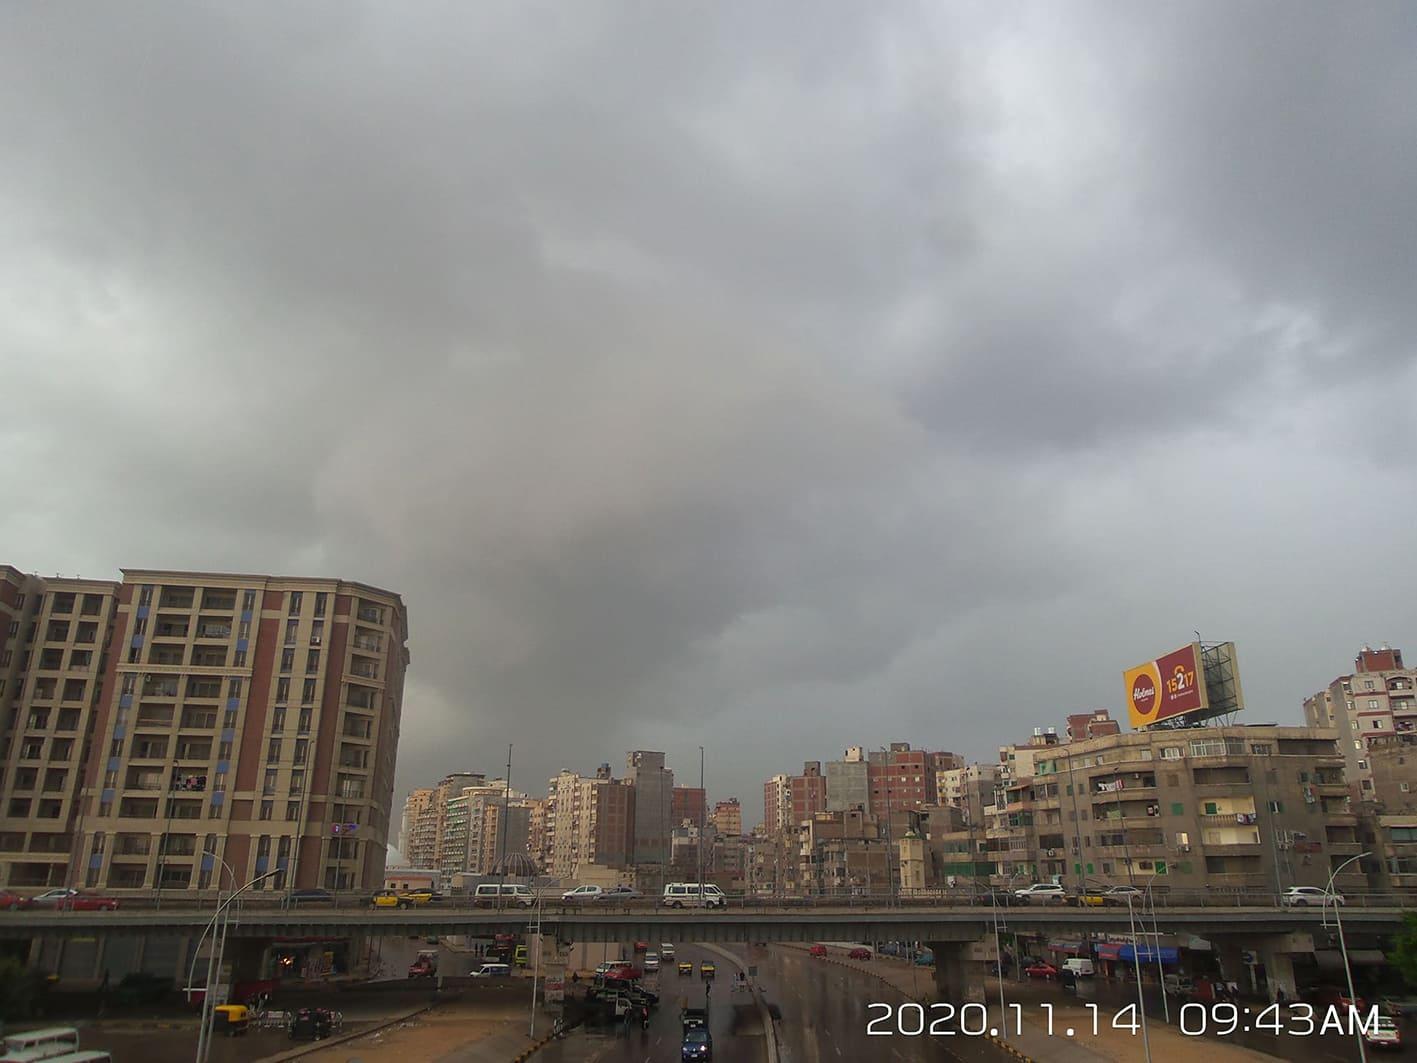 ملخص منخفض 14 نوفمبر 2020 على مدينة الاسكندرية